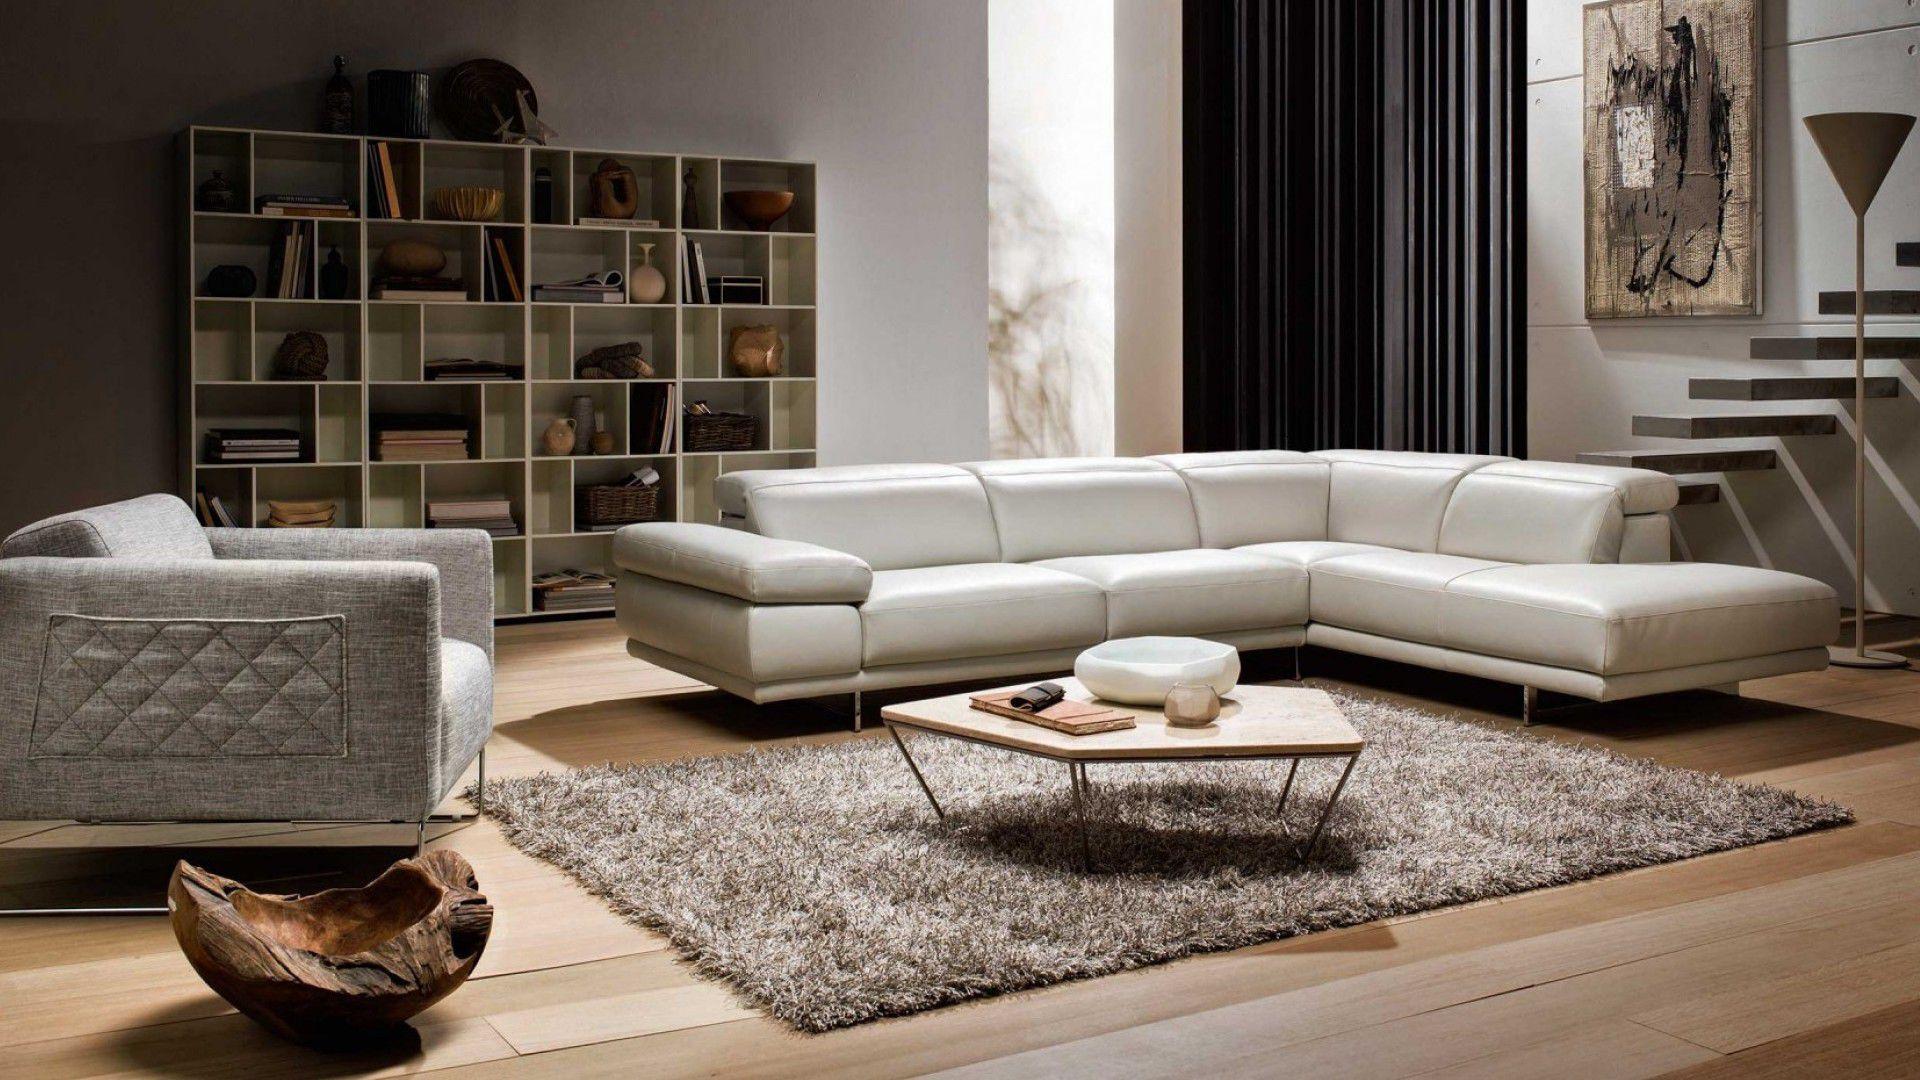 Modular sofa contemporary leather fabric PRELUDIO NATUZZI